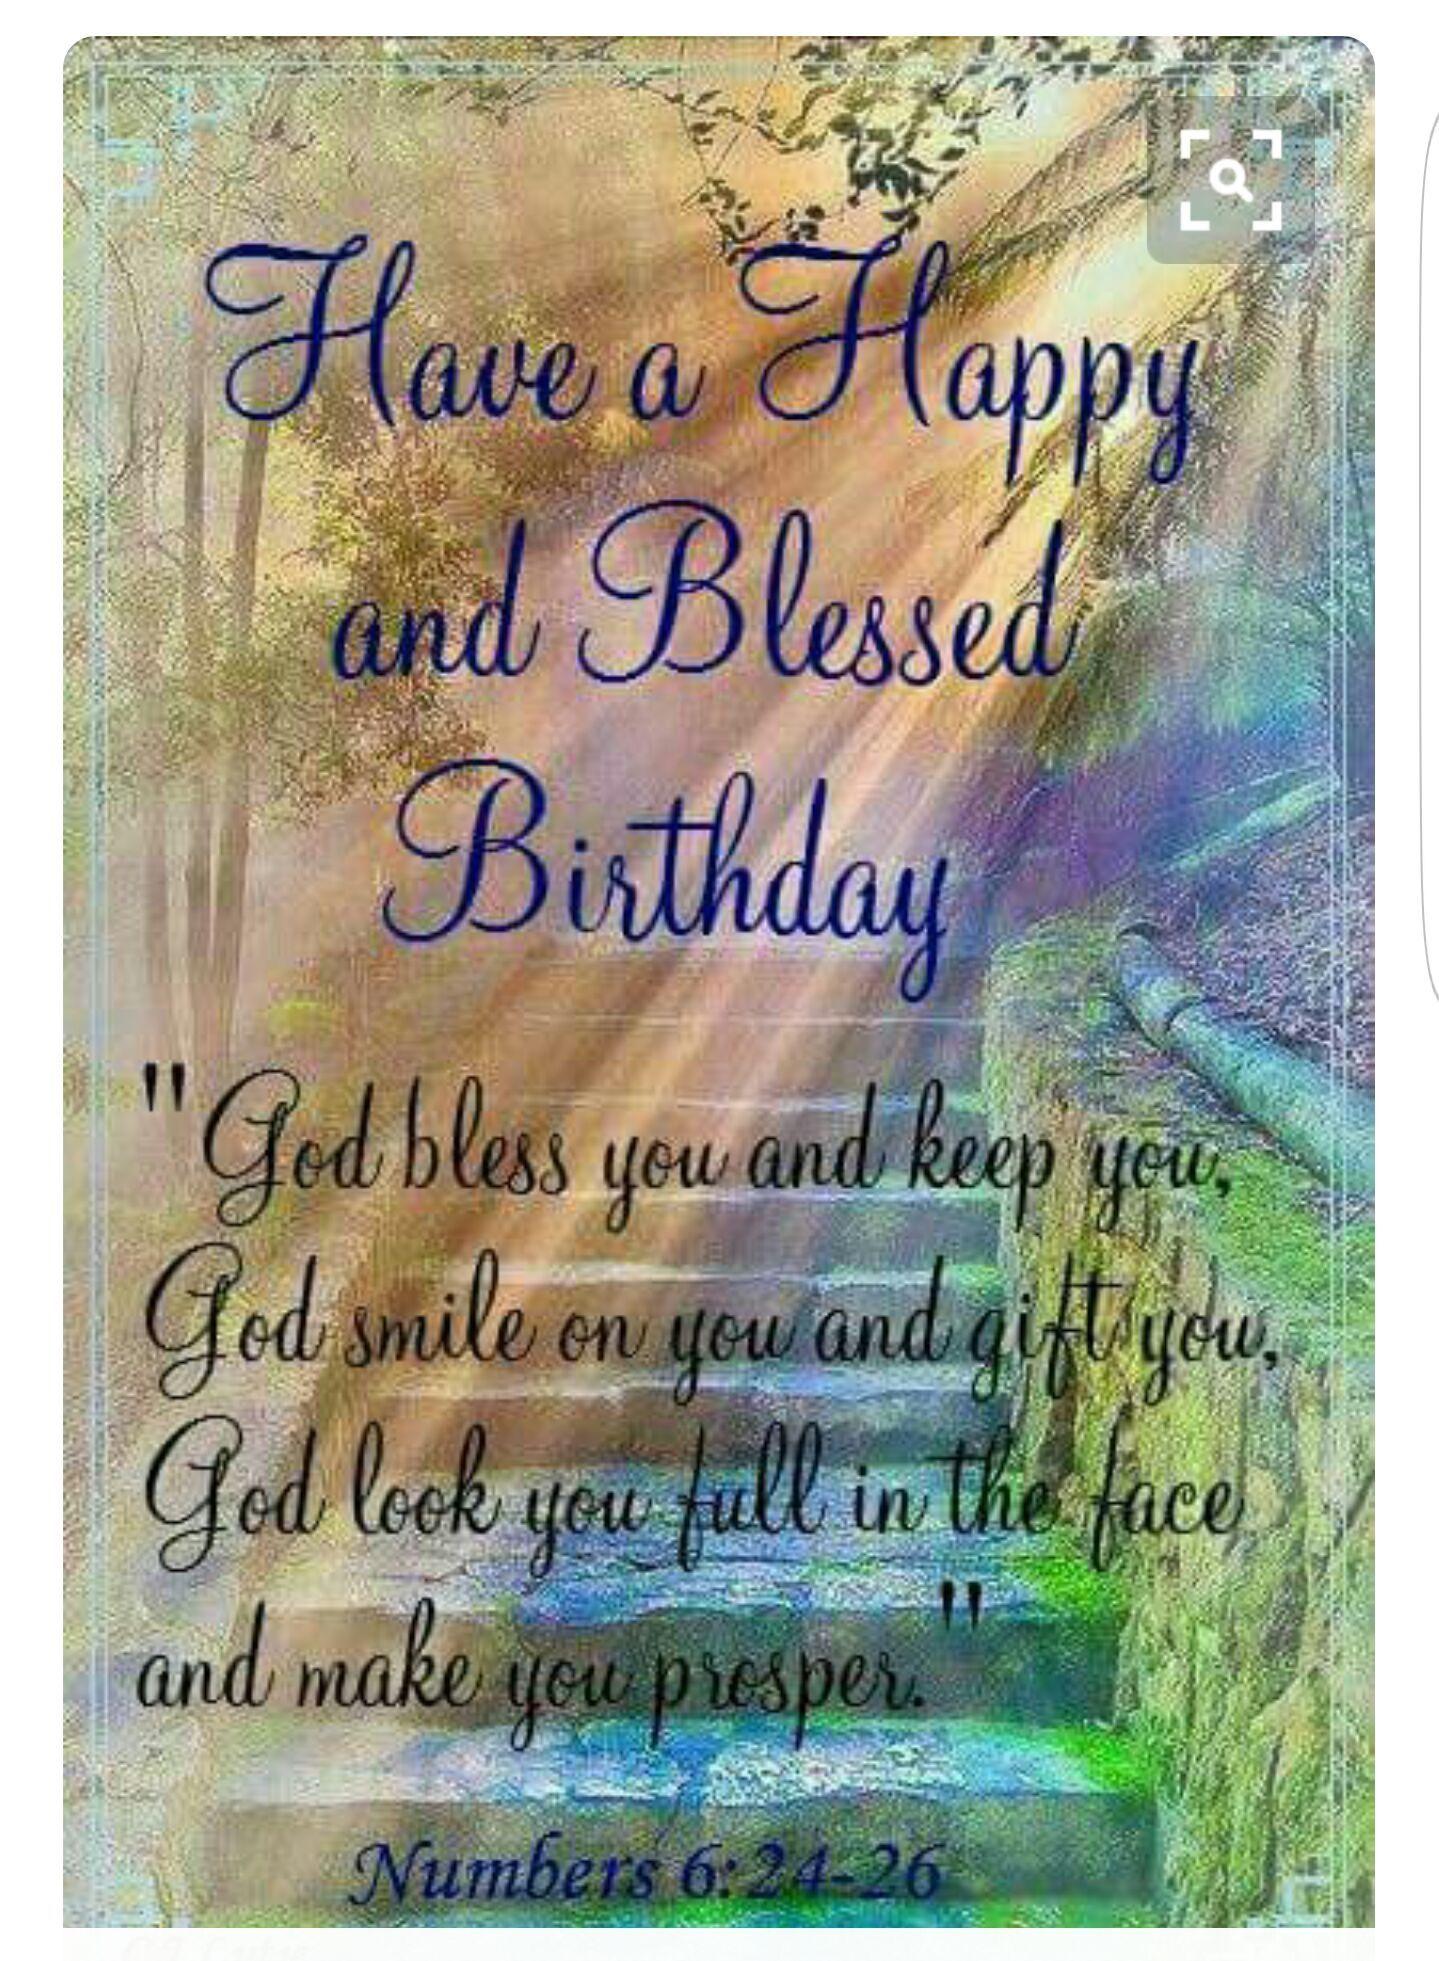 Happy Birthday Spiritual birthday wishes, Happy birthday